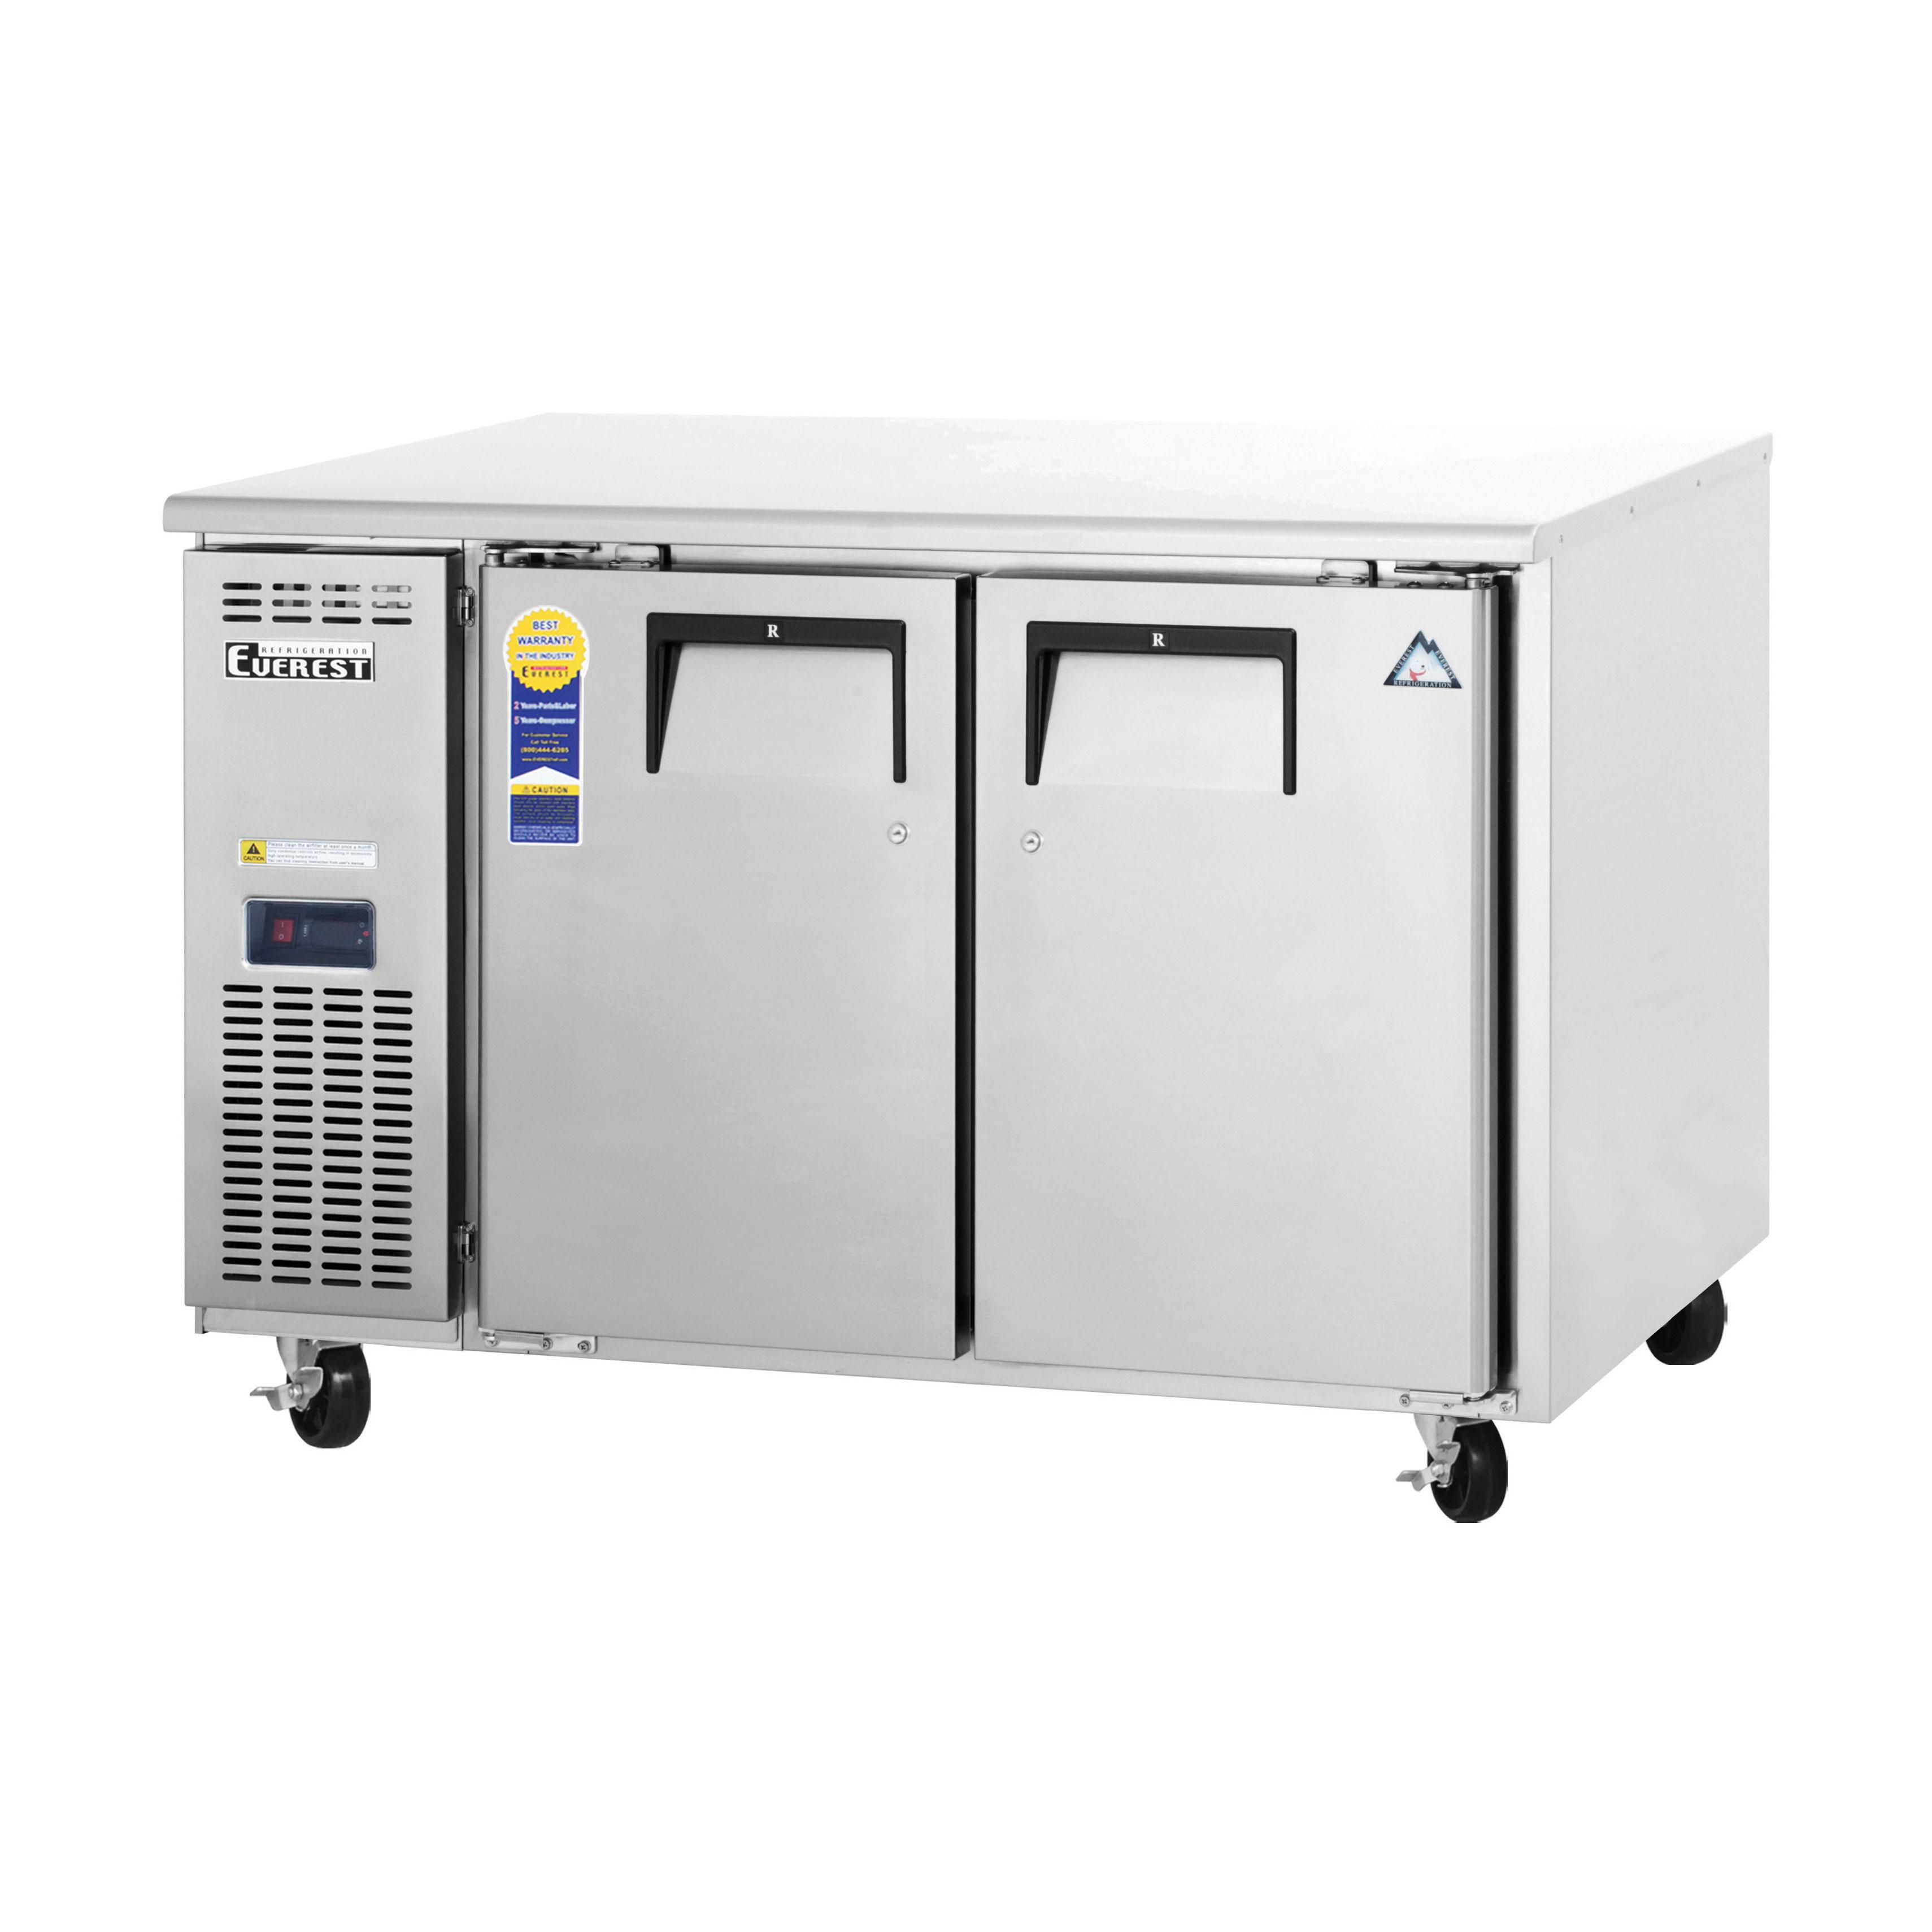 Everest Refrigeration ETF2 freezer, undercounter, reach-in